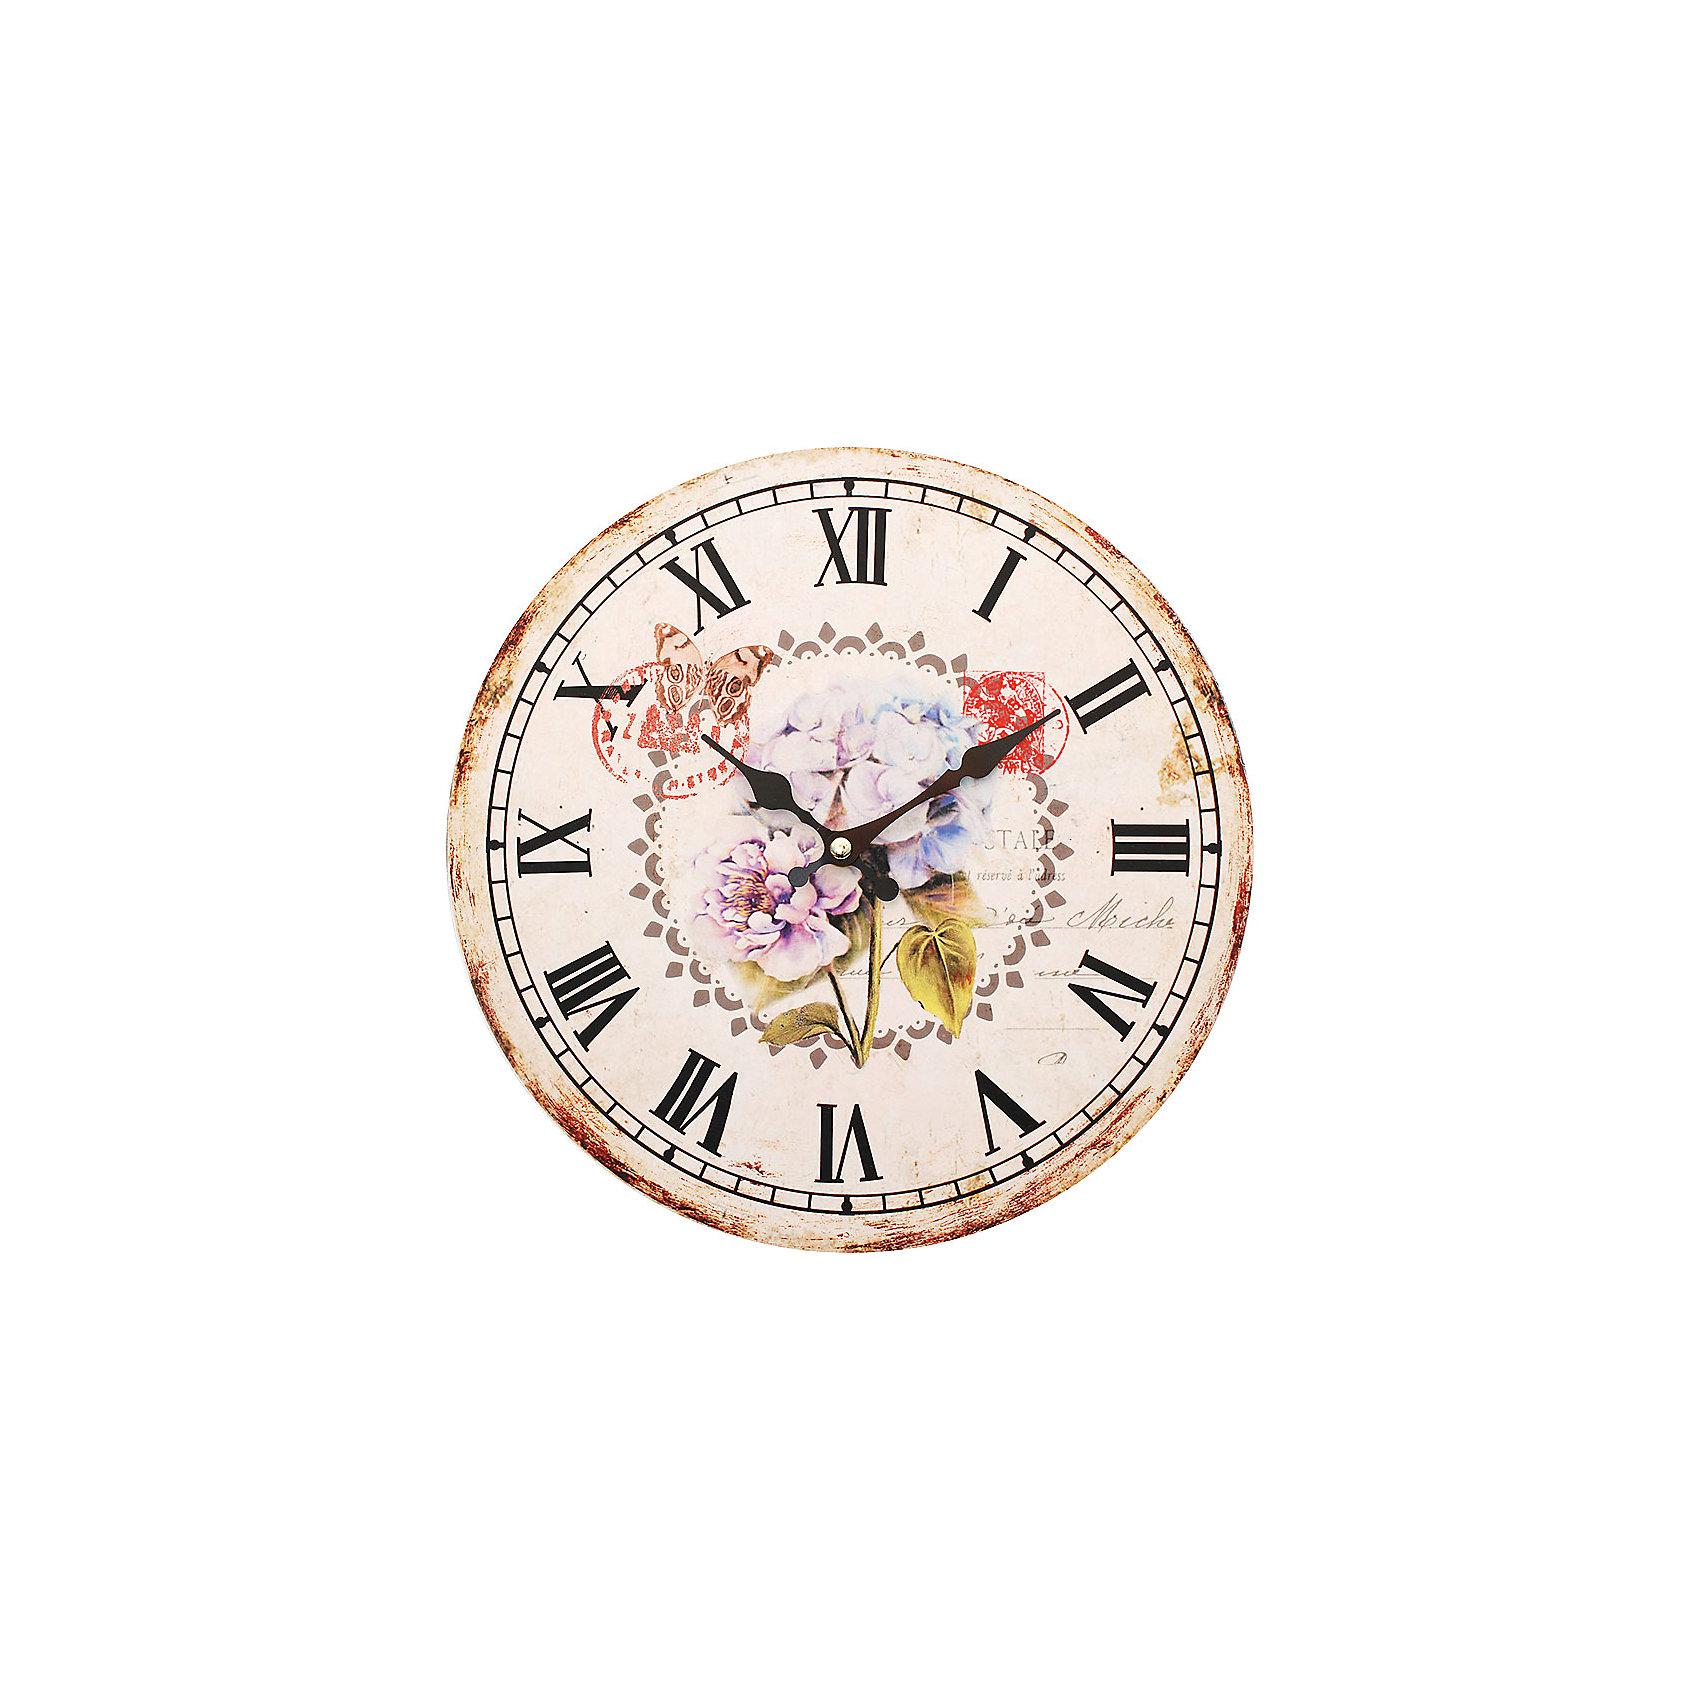 Часы настенные Садовые цветы, диаметр 34 смЧасы настенные Садовые цветы, диаметр 34 см.<br><br>Характеристики:<br><br>- Диаметр: 34 см.<br>- Две стрелки часовая и минутная<br>- Батарейка: 1 типа АА (в комплект не входит)<br>- Цвет: антрацитовый, бледно-розовый, кремовый<br>- Упаковка картонная коробка<br><br>Кварцевые настенные часы с механизмом плавного хода помимо своего прямого назначения – показывать точное время – станут важным элементом декора Вашего дома, квартиры или офиса. Открытый циферблат часов выполнен из листа оргалита с декоративным покрытием, оформлен изображением цветочной композиции. Часовая и минутная стрелки металлические. Часовой механизм закрыт пластиковым корпусом. Часы будут стильным акцентом в интерьере и создадут дополнительный уют и хорошее настроение.<br><br>Часы настенные Садовые цветы, диаметр 34 см можно купить в нашем интернет-магазине.<br><br>Ширина мм: 345<br>Глубина мм: 340<br>Высота мм: 45<br>Вес г: 2500<br>Возраст от месяцев: 72<br>Возраст до месяцев: 144<br>Пол: Унисекс<br>Возраст: Детский<br>SKU: 5089830